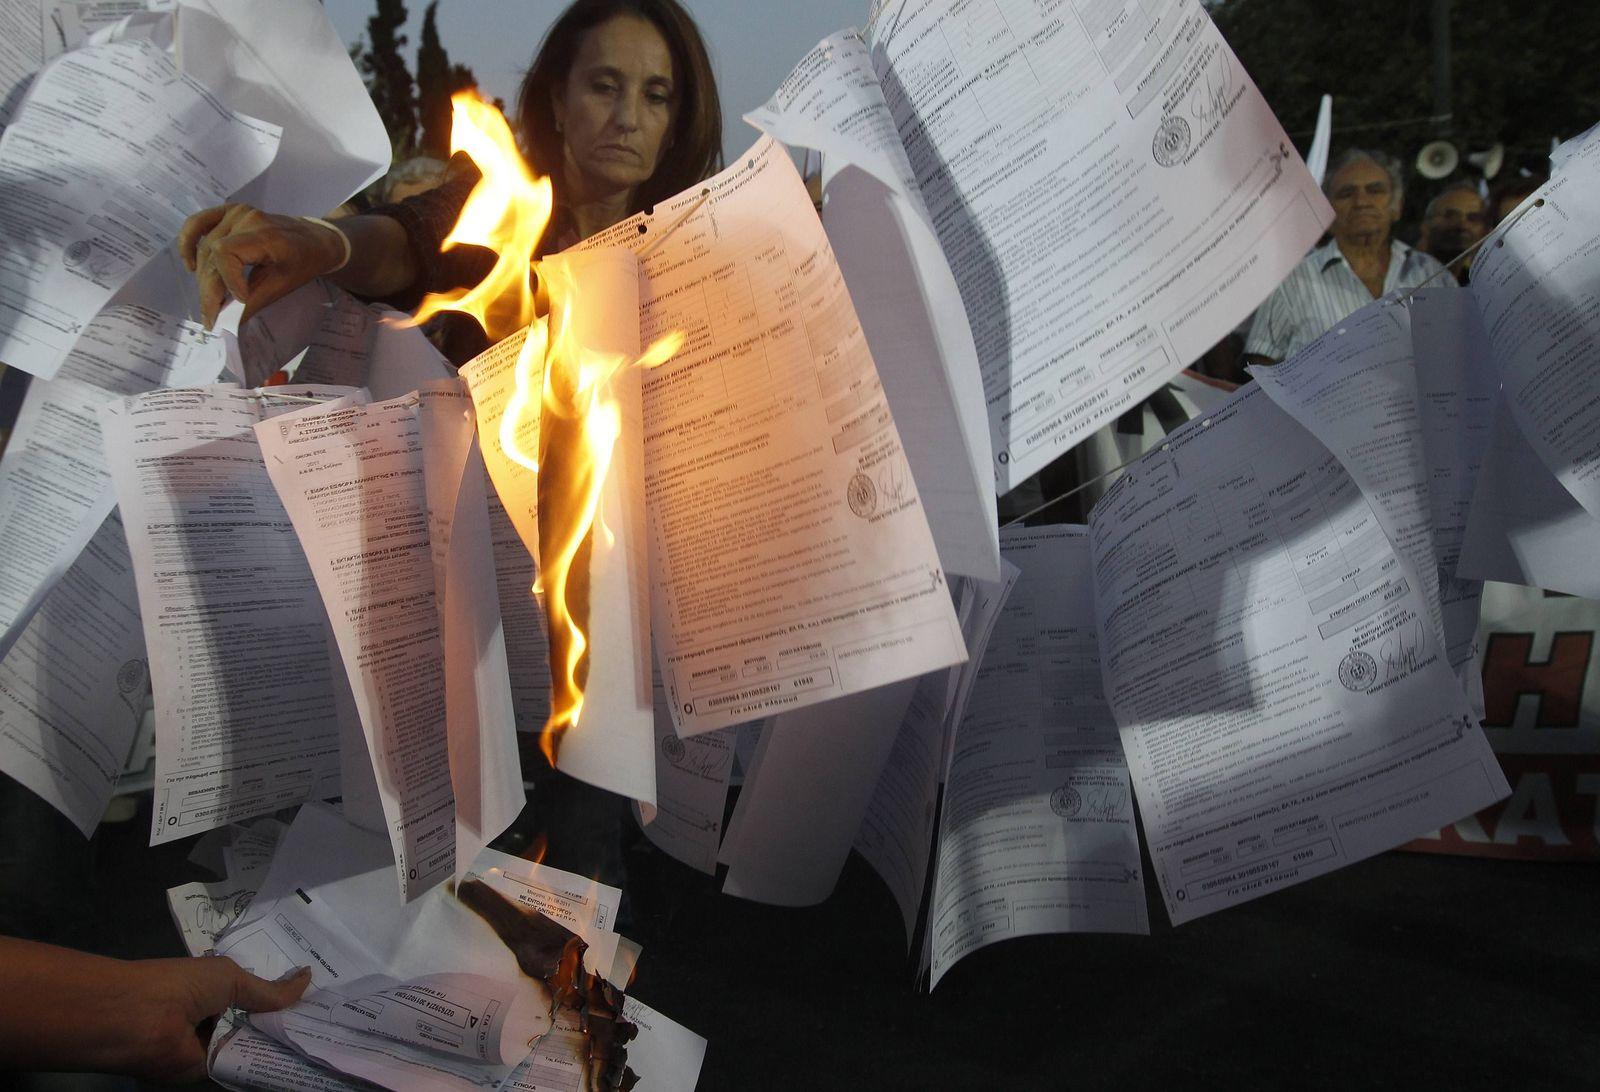 Griechen verbrennen ihre Steuererklärung